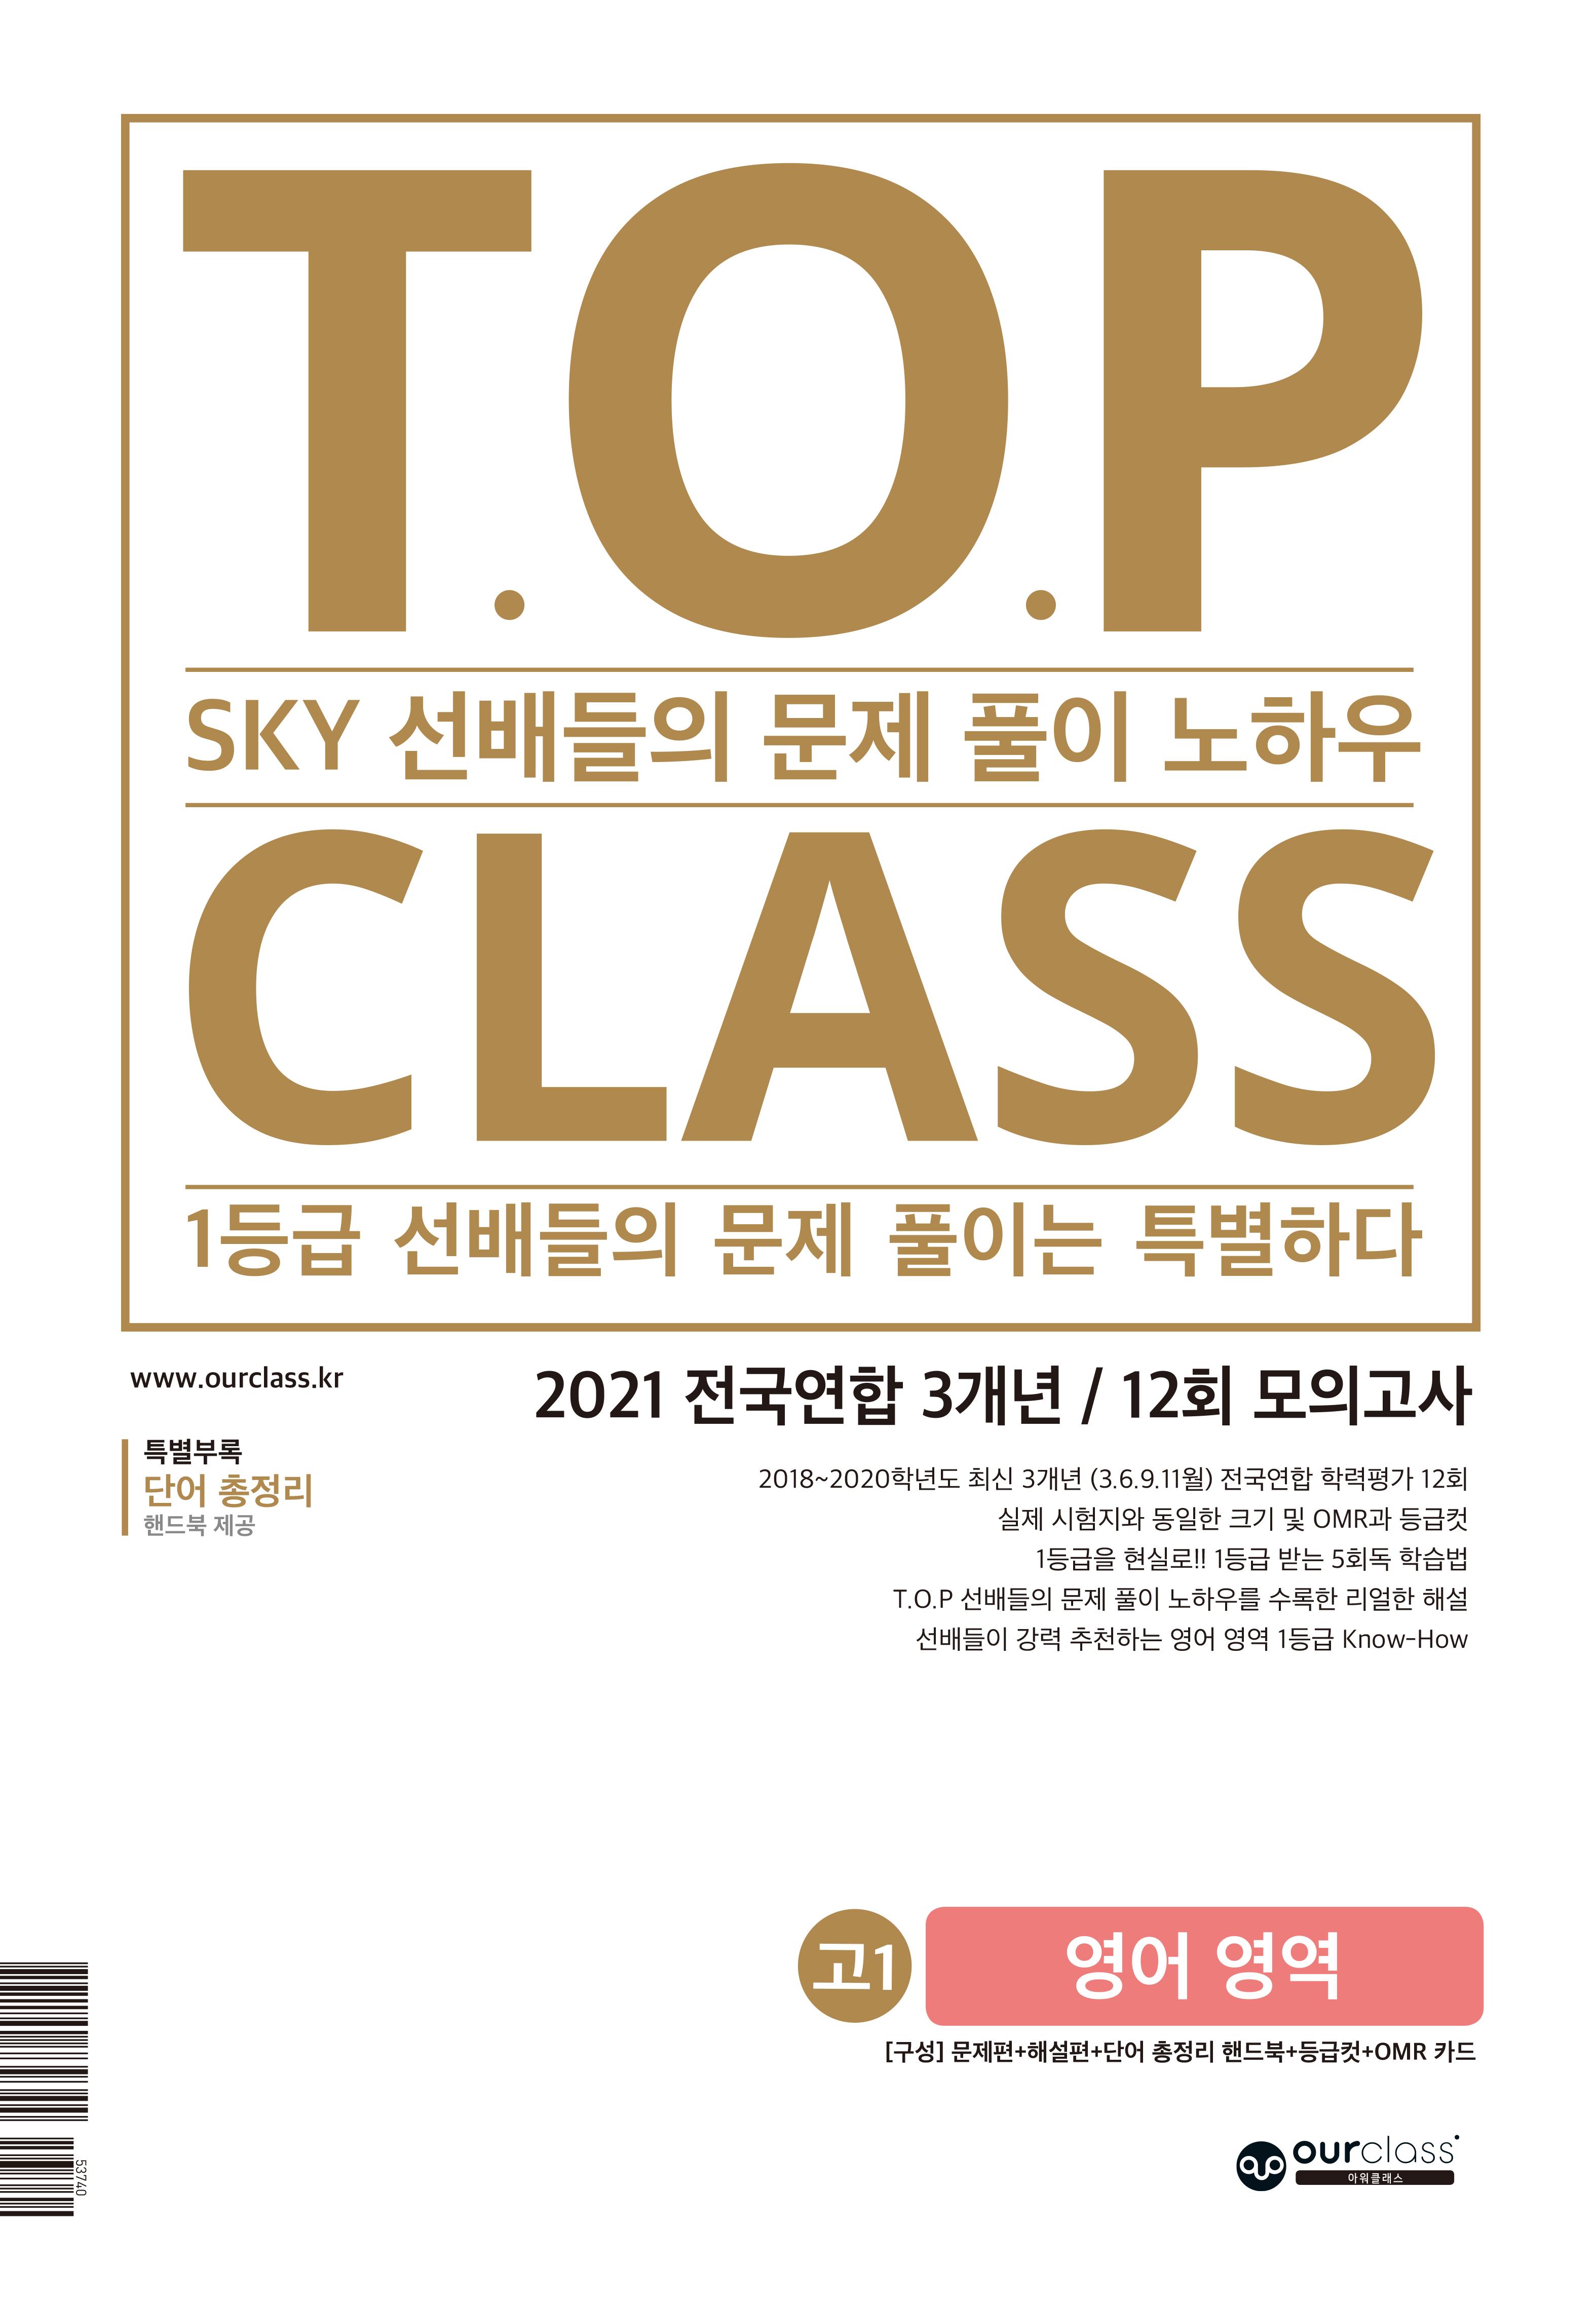 [고1 영어 영역]T.O.P CLASS : SKY 선배들의 문제 풀이 노하우